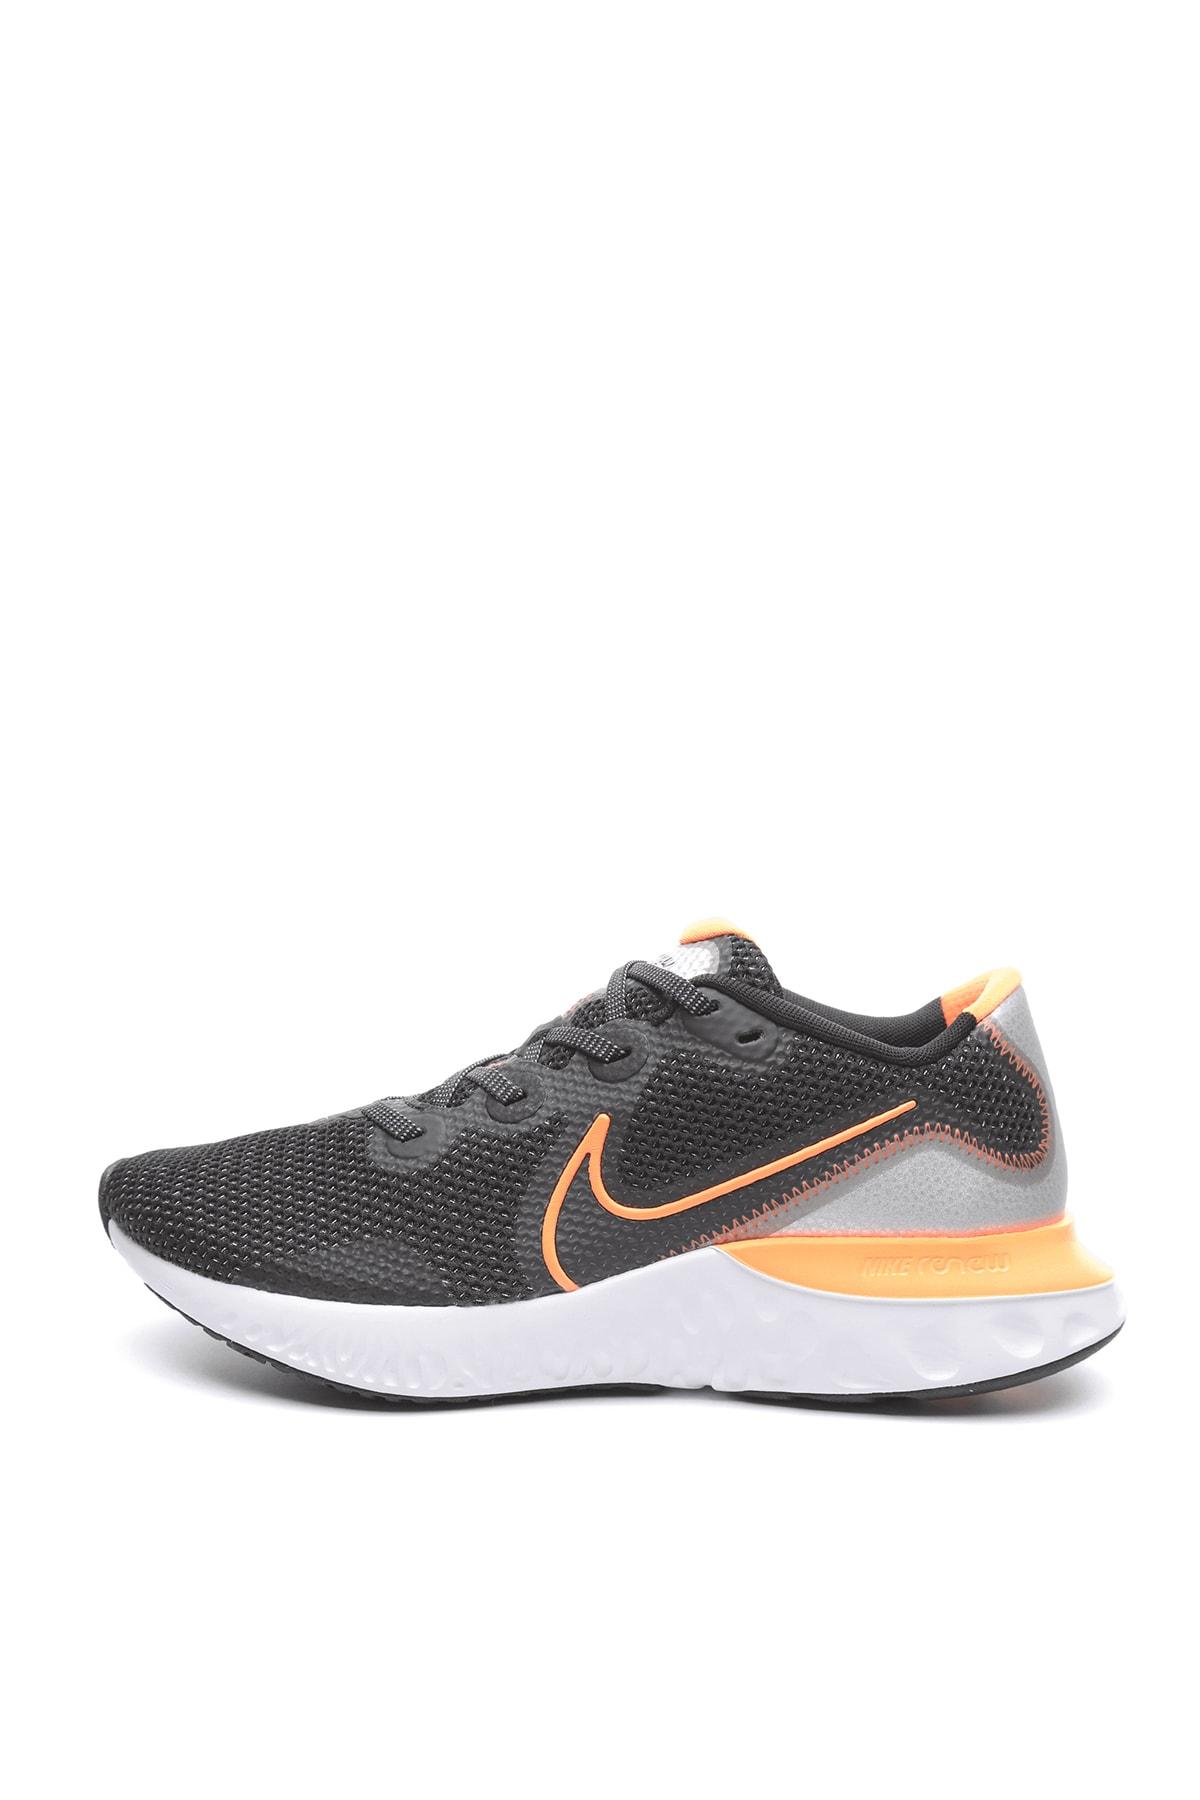 کفش اسپرت مردانه ترکیه مارک نایک رنگ مشکی کد ty36465773